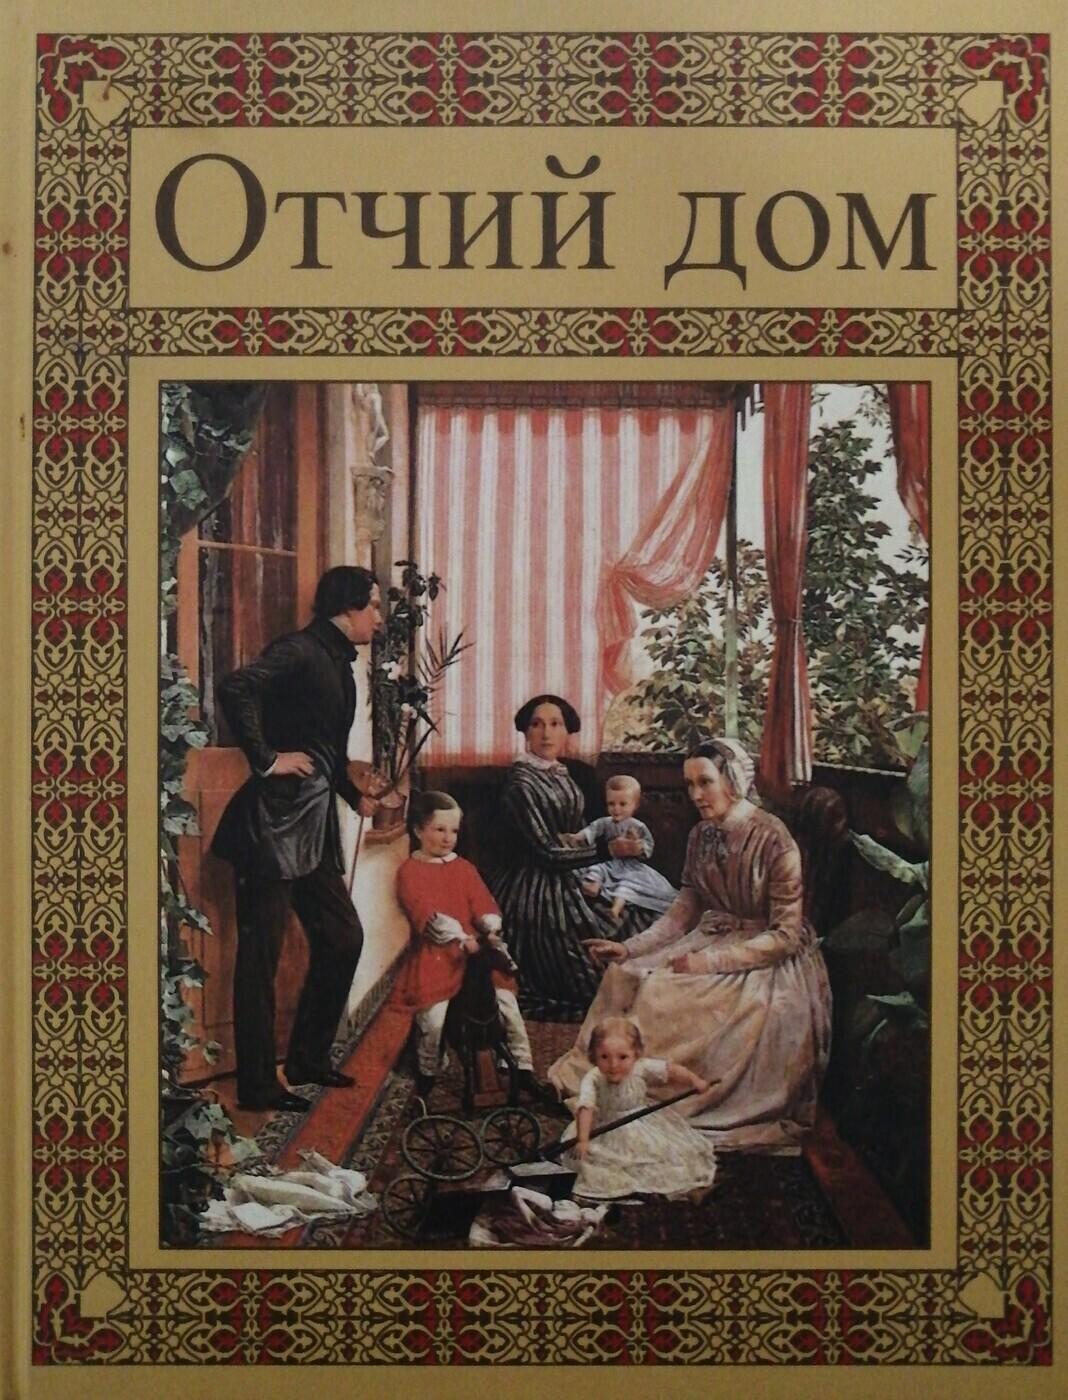 Отчий дом; Л. Л. Шевченко